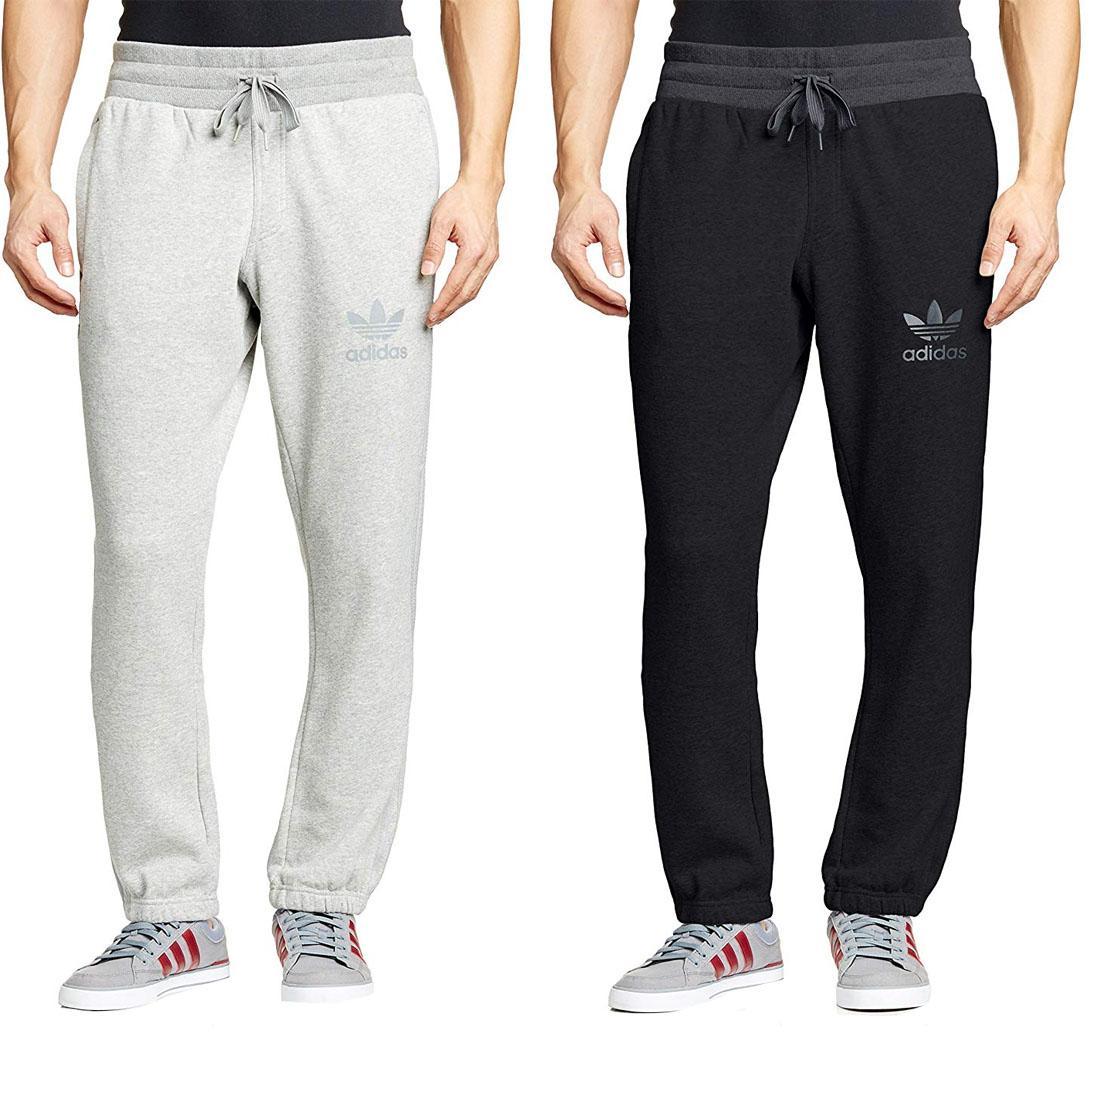 Adidas Men/'s SPO Sweat Pant Joggers Tracksuit Bottoms Fleece Trouser